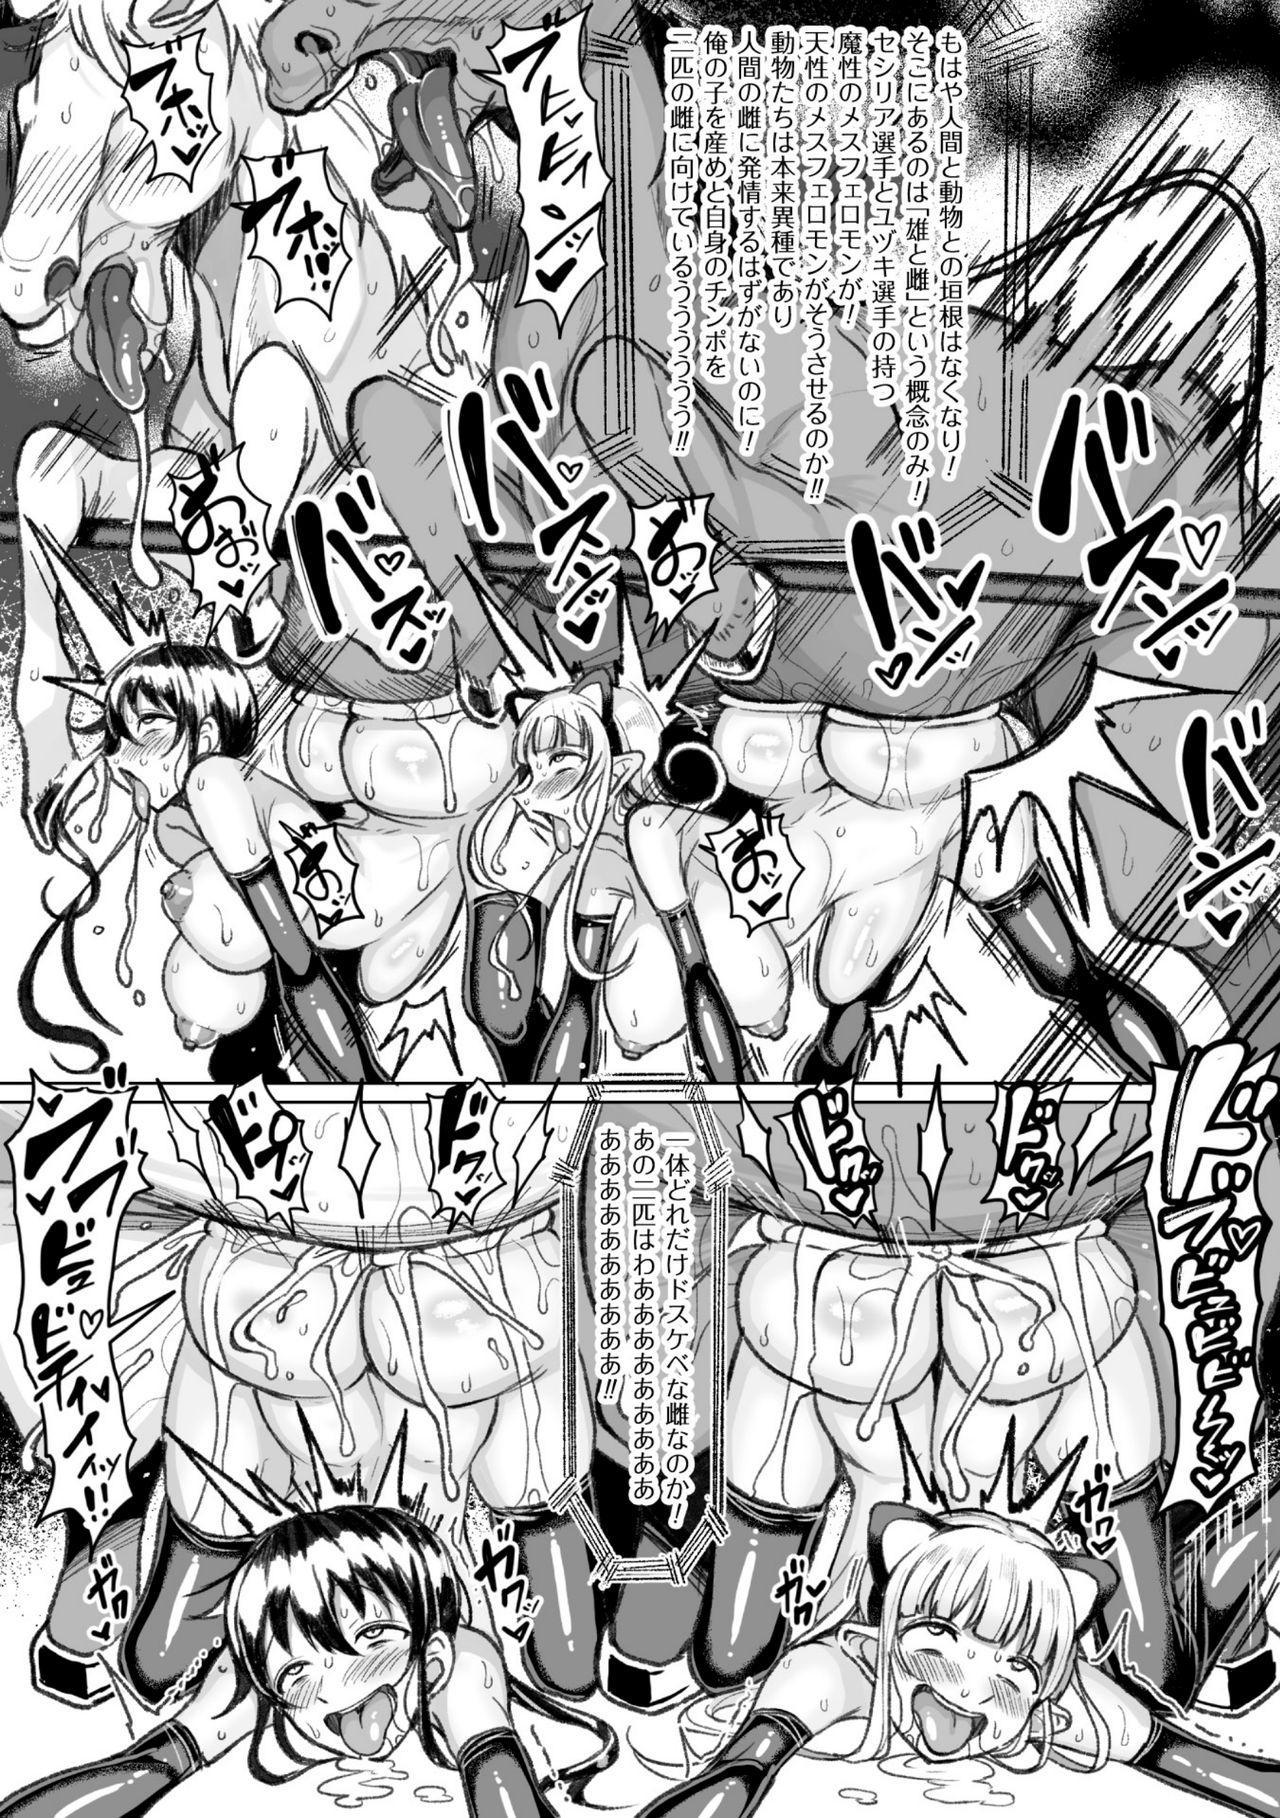 Koubi wa Mechakucha Kimochi Ii - Mating feels really good 78